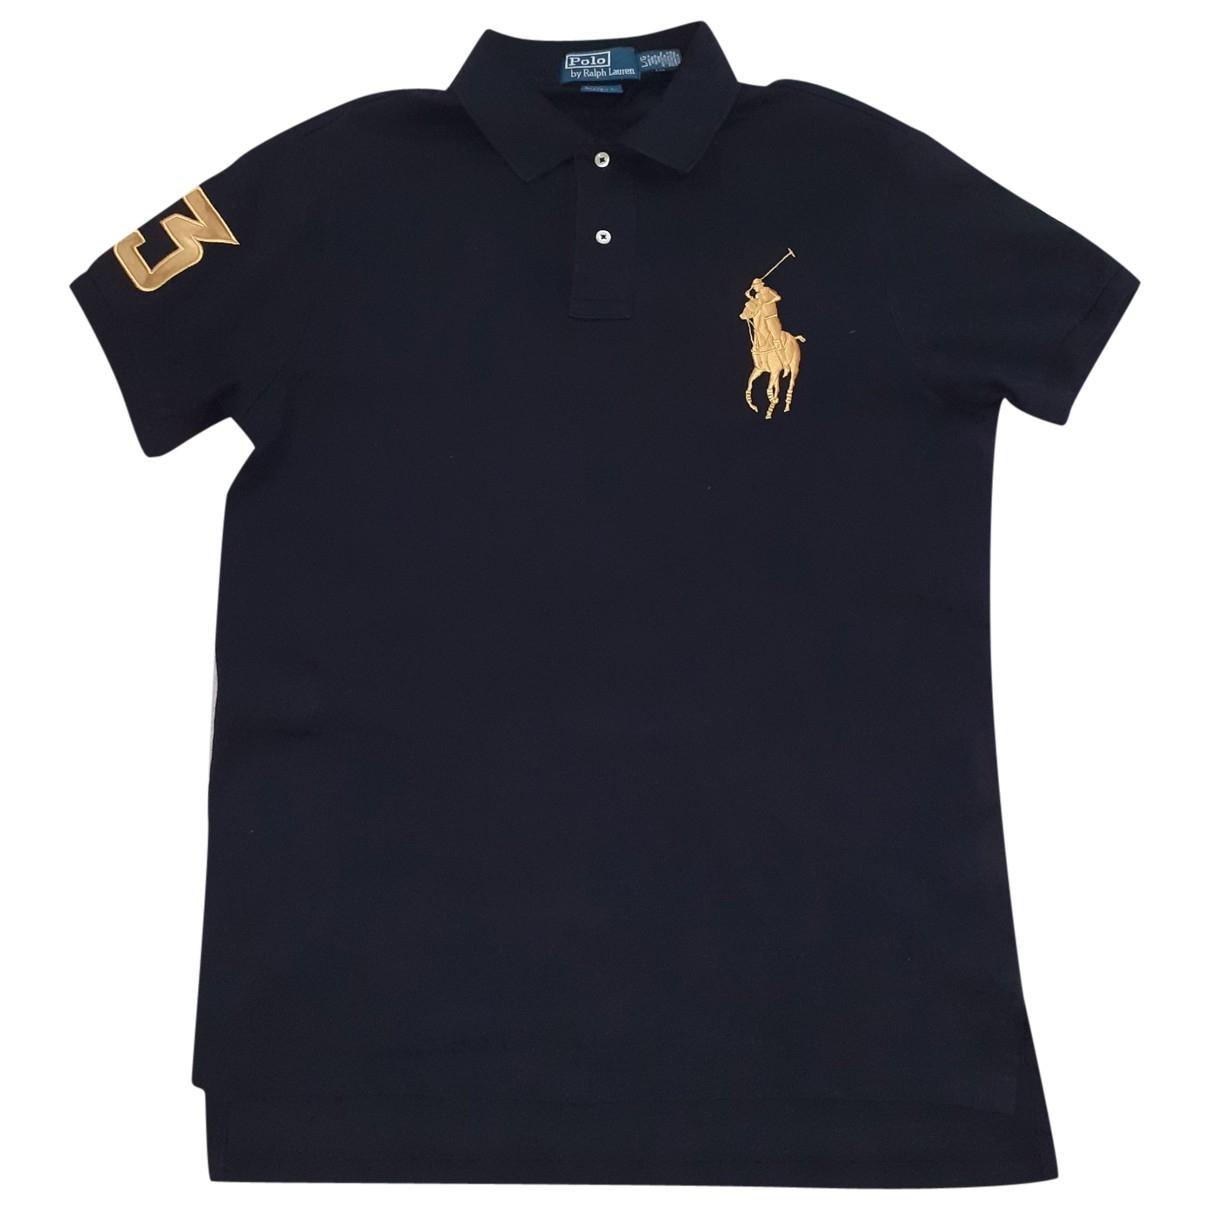 Polo Ralph Lauren \N Poloshirts in  Schwarz Baumwolle